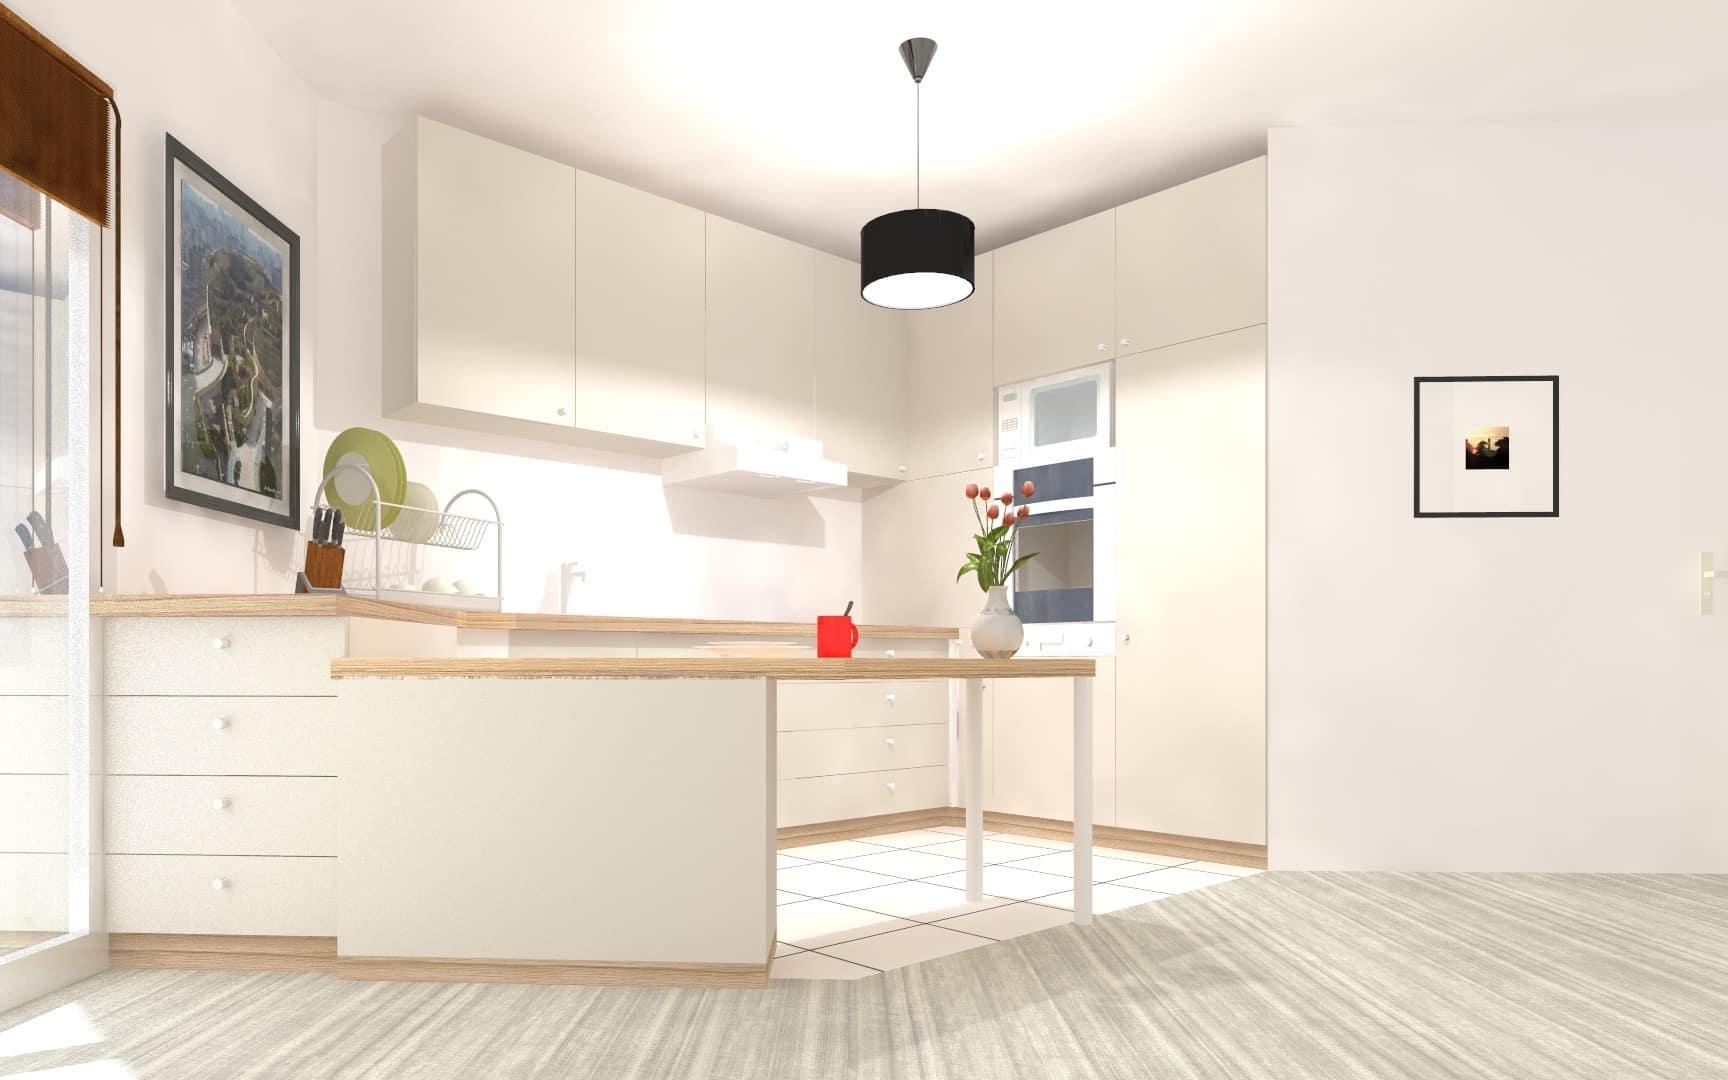 projets-amenagement-interieur-renovation-appartement-friou-architecte-le-pouliguen-labaule-saint-nazaire